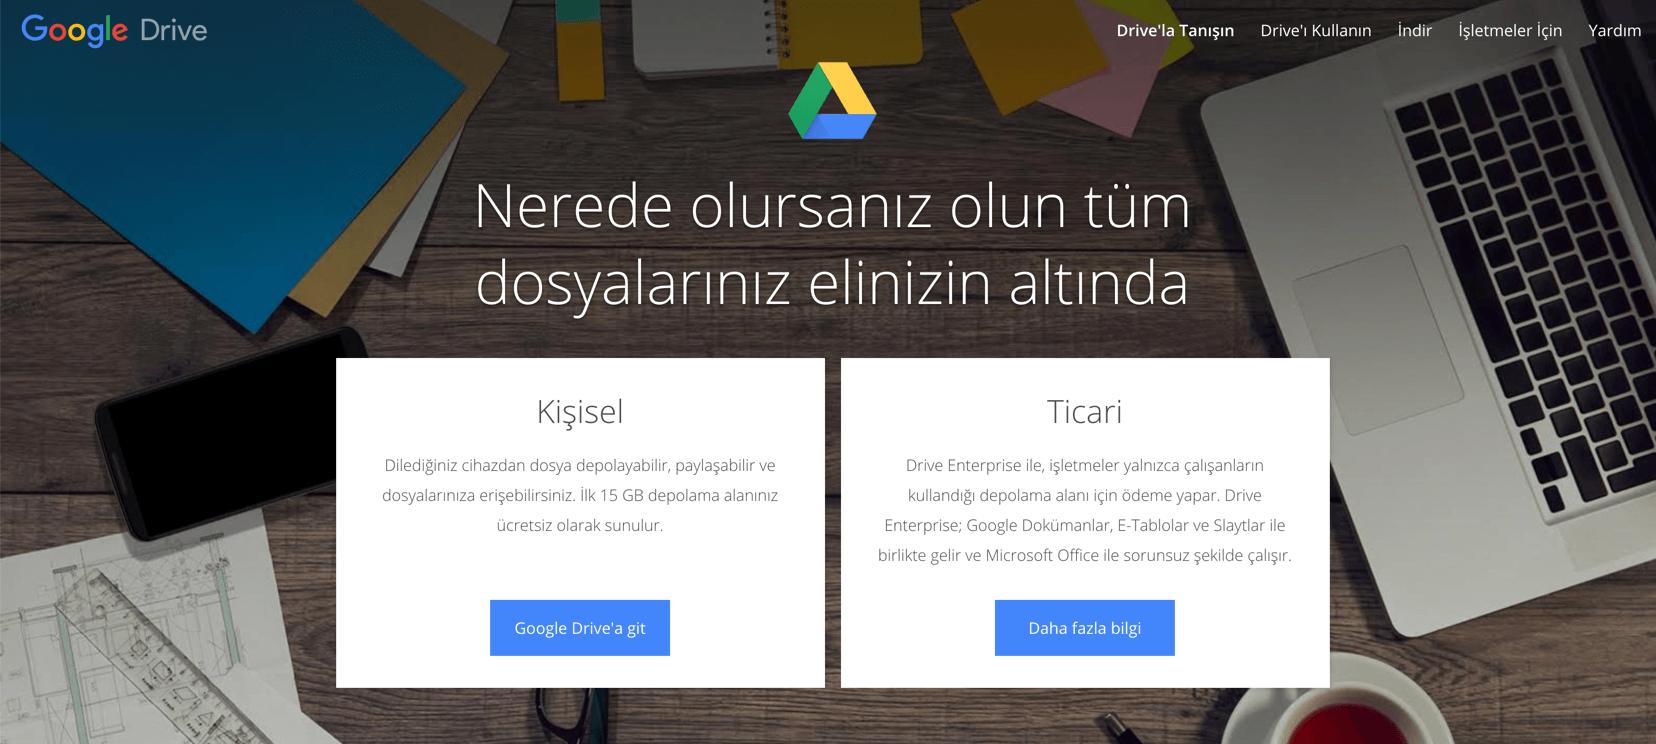 Google Drive online proje yönetimi yazılımı